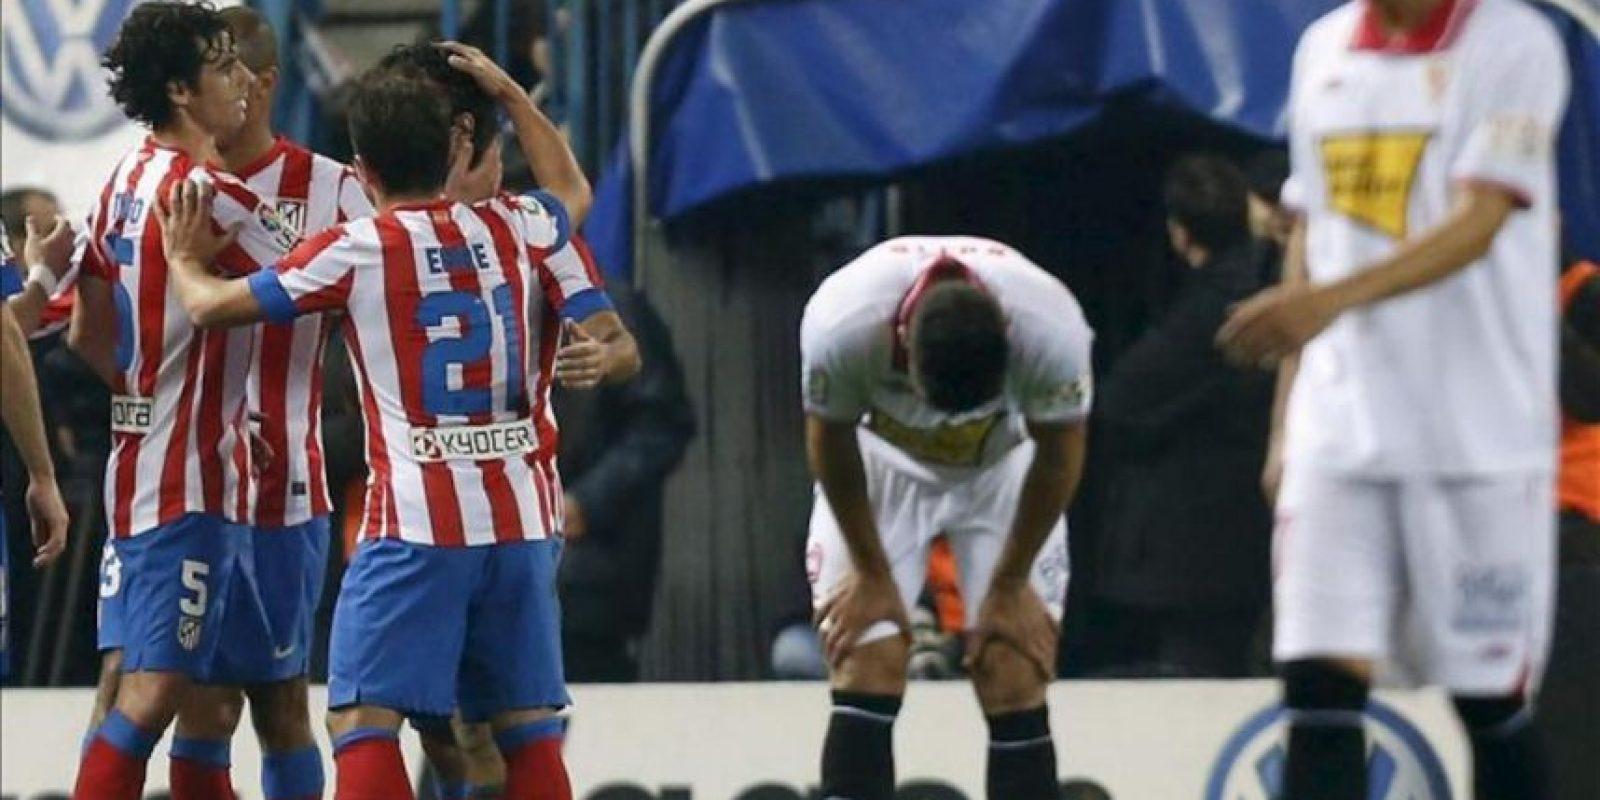 Los jugadores del Atlético de Madrid celebran el gol marcado por su compañero, el defensa brasileño Joao Miranda de Souza ante el Sevilla, el cuarto del equipo, en el partido correspondiente a la decimotercera jornada de la Liga de Primera División frente al Sevilla en el estadio Vicente Calderón. EFE